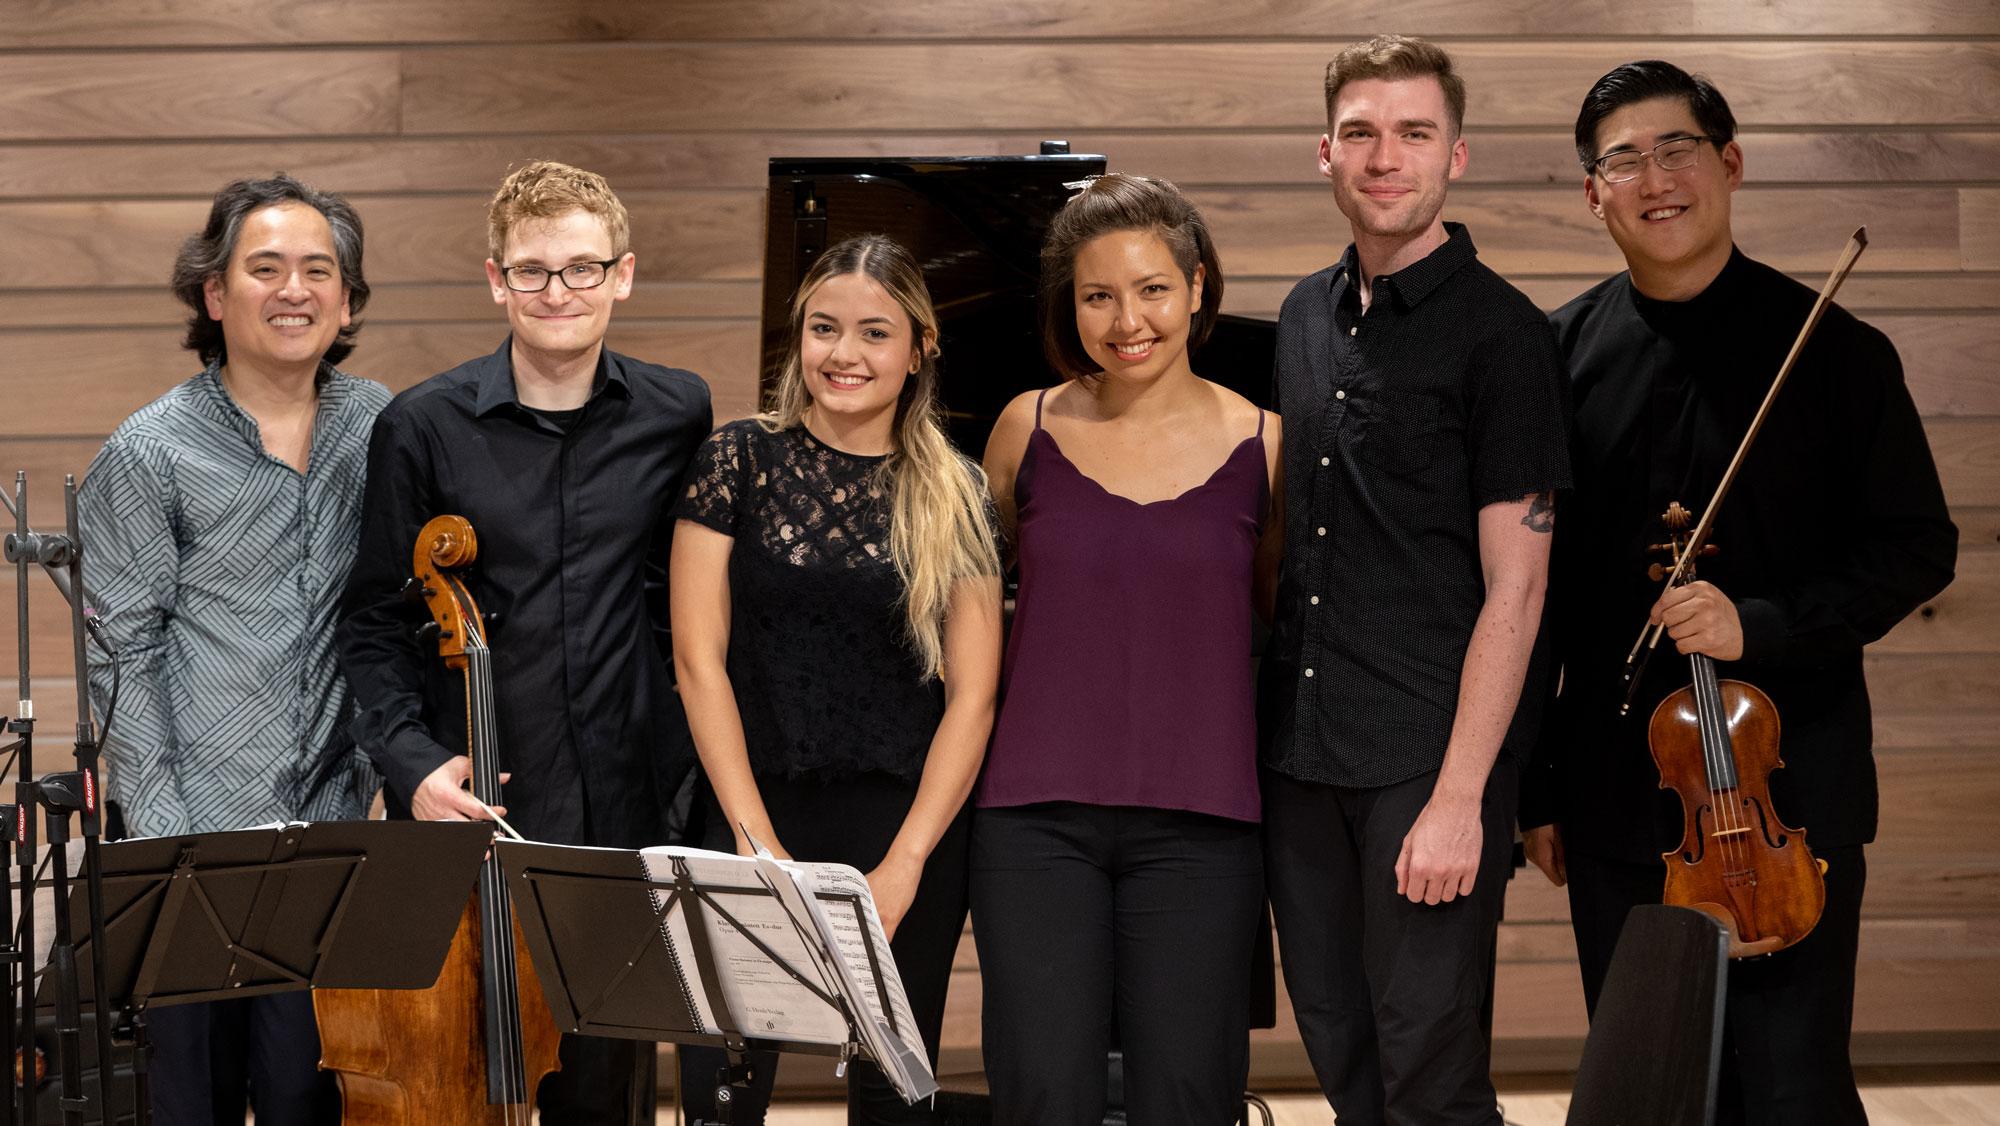 NEXUS Chamber Music group shot